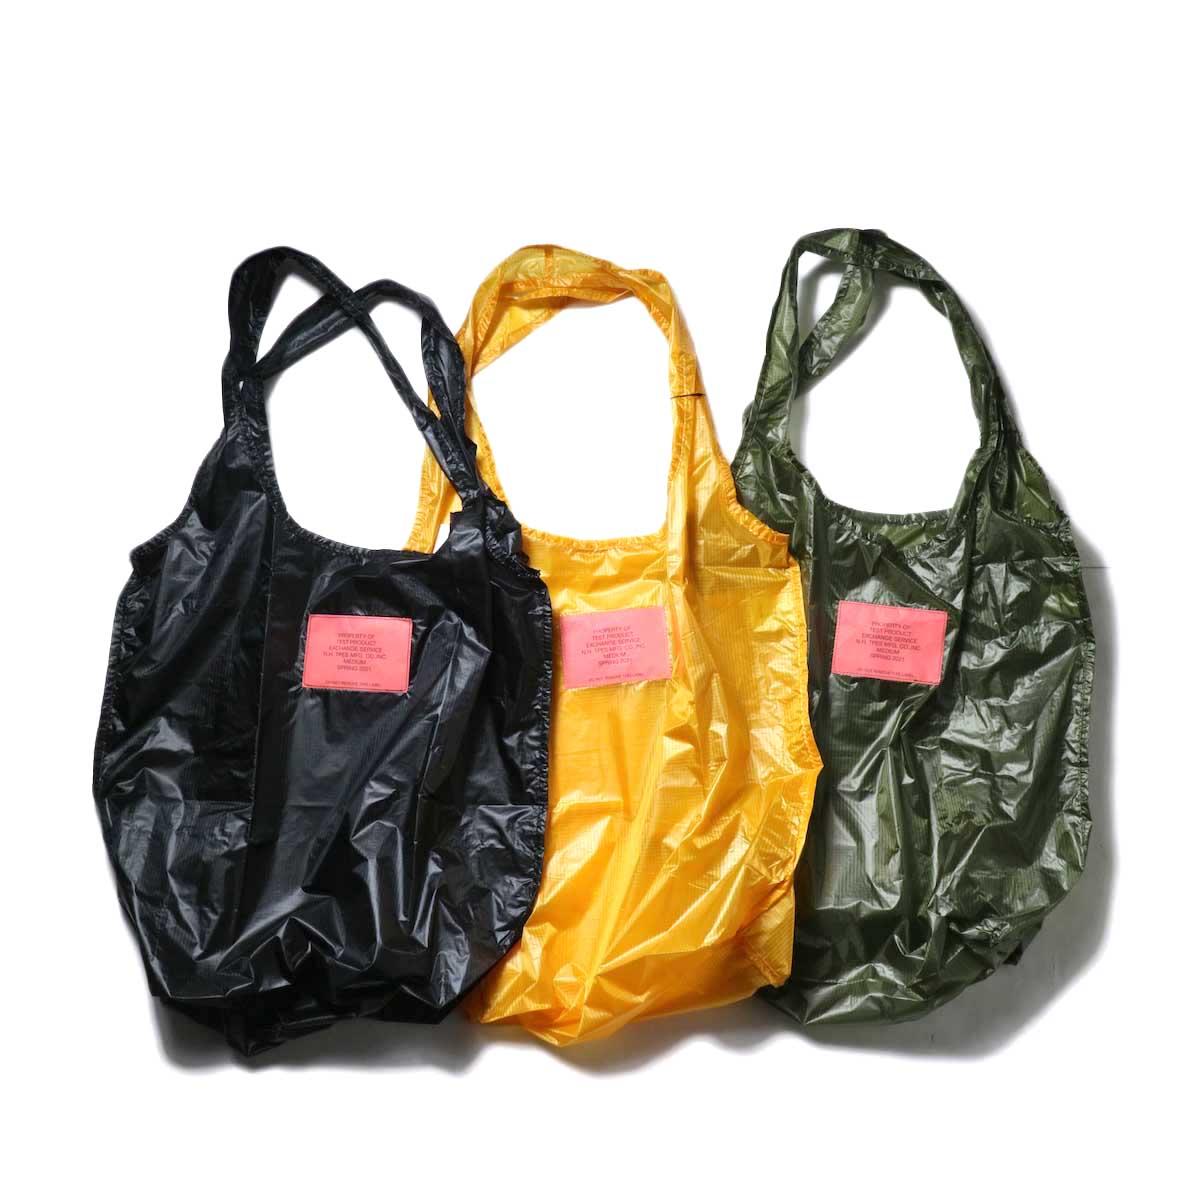 N.HOOLYWOOD / 9211-AC84 pieces BAG (MEDIUM)